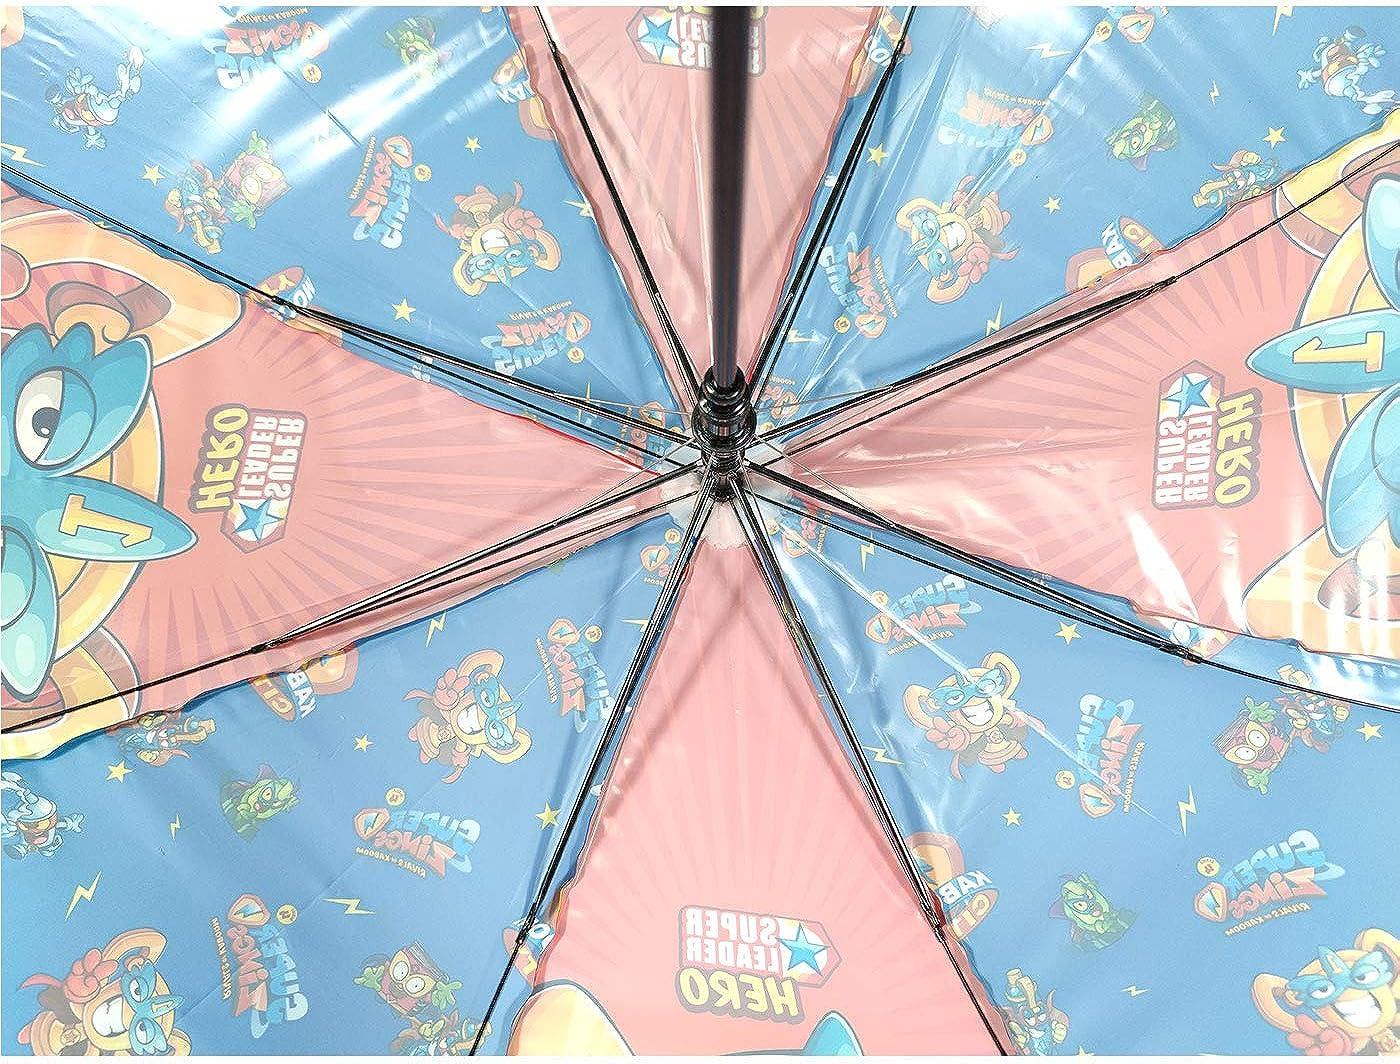 68 cm Blue Superzings Automatic Childrens Umbrella Superthings Secret Spies Children/'s Umbrella